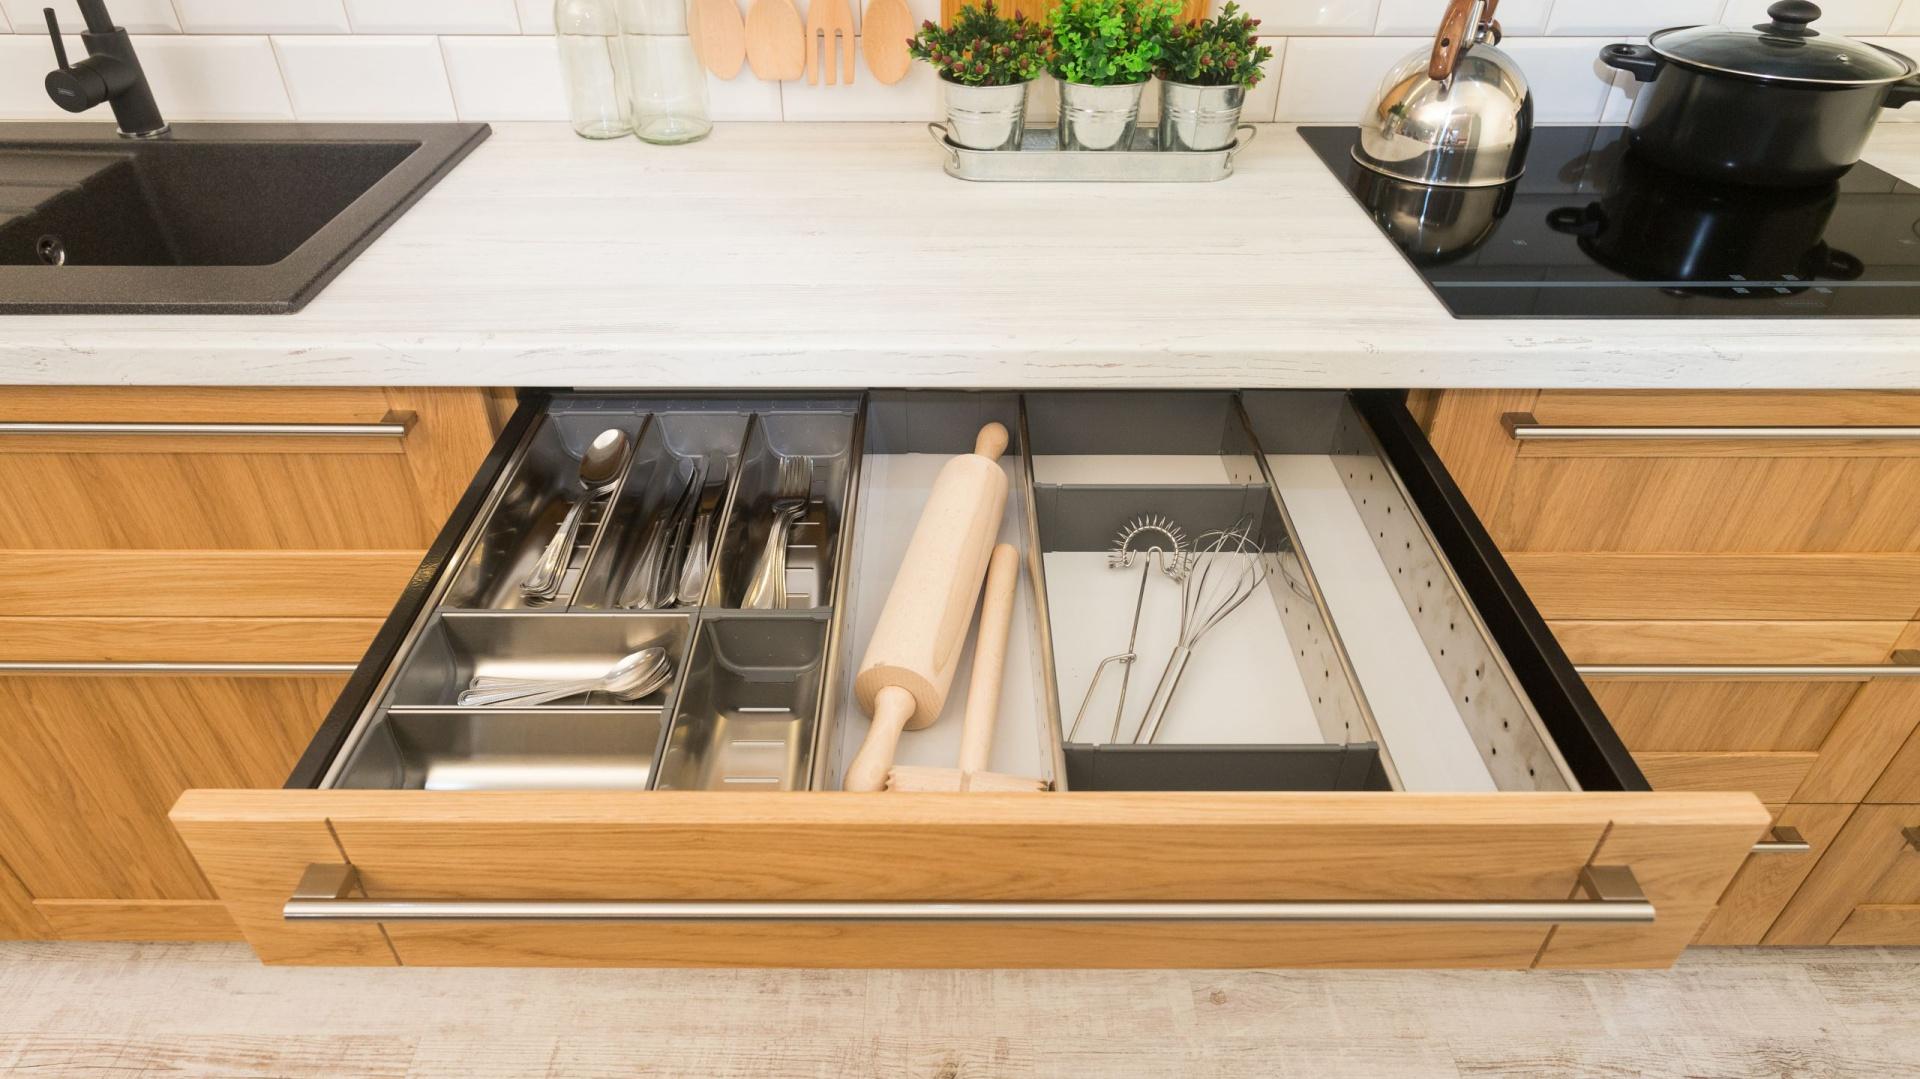 Przechowywanie W Kuchni Poznaj Sprytne Rozwiązania